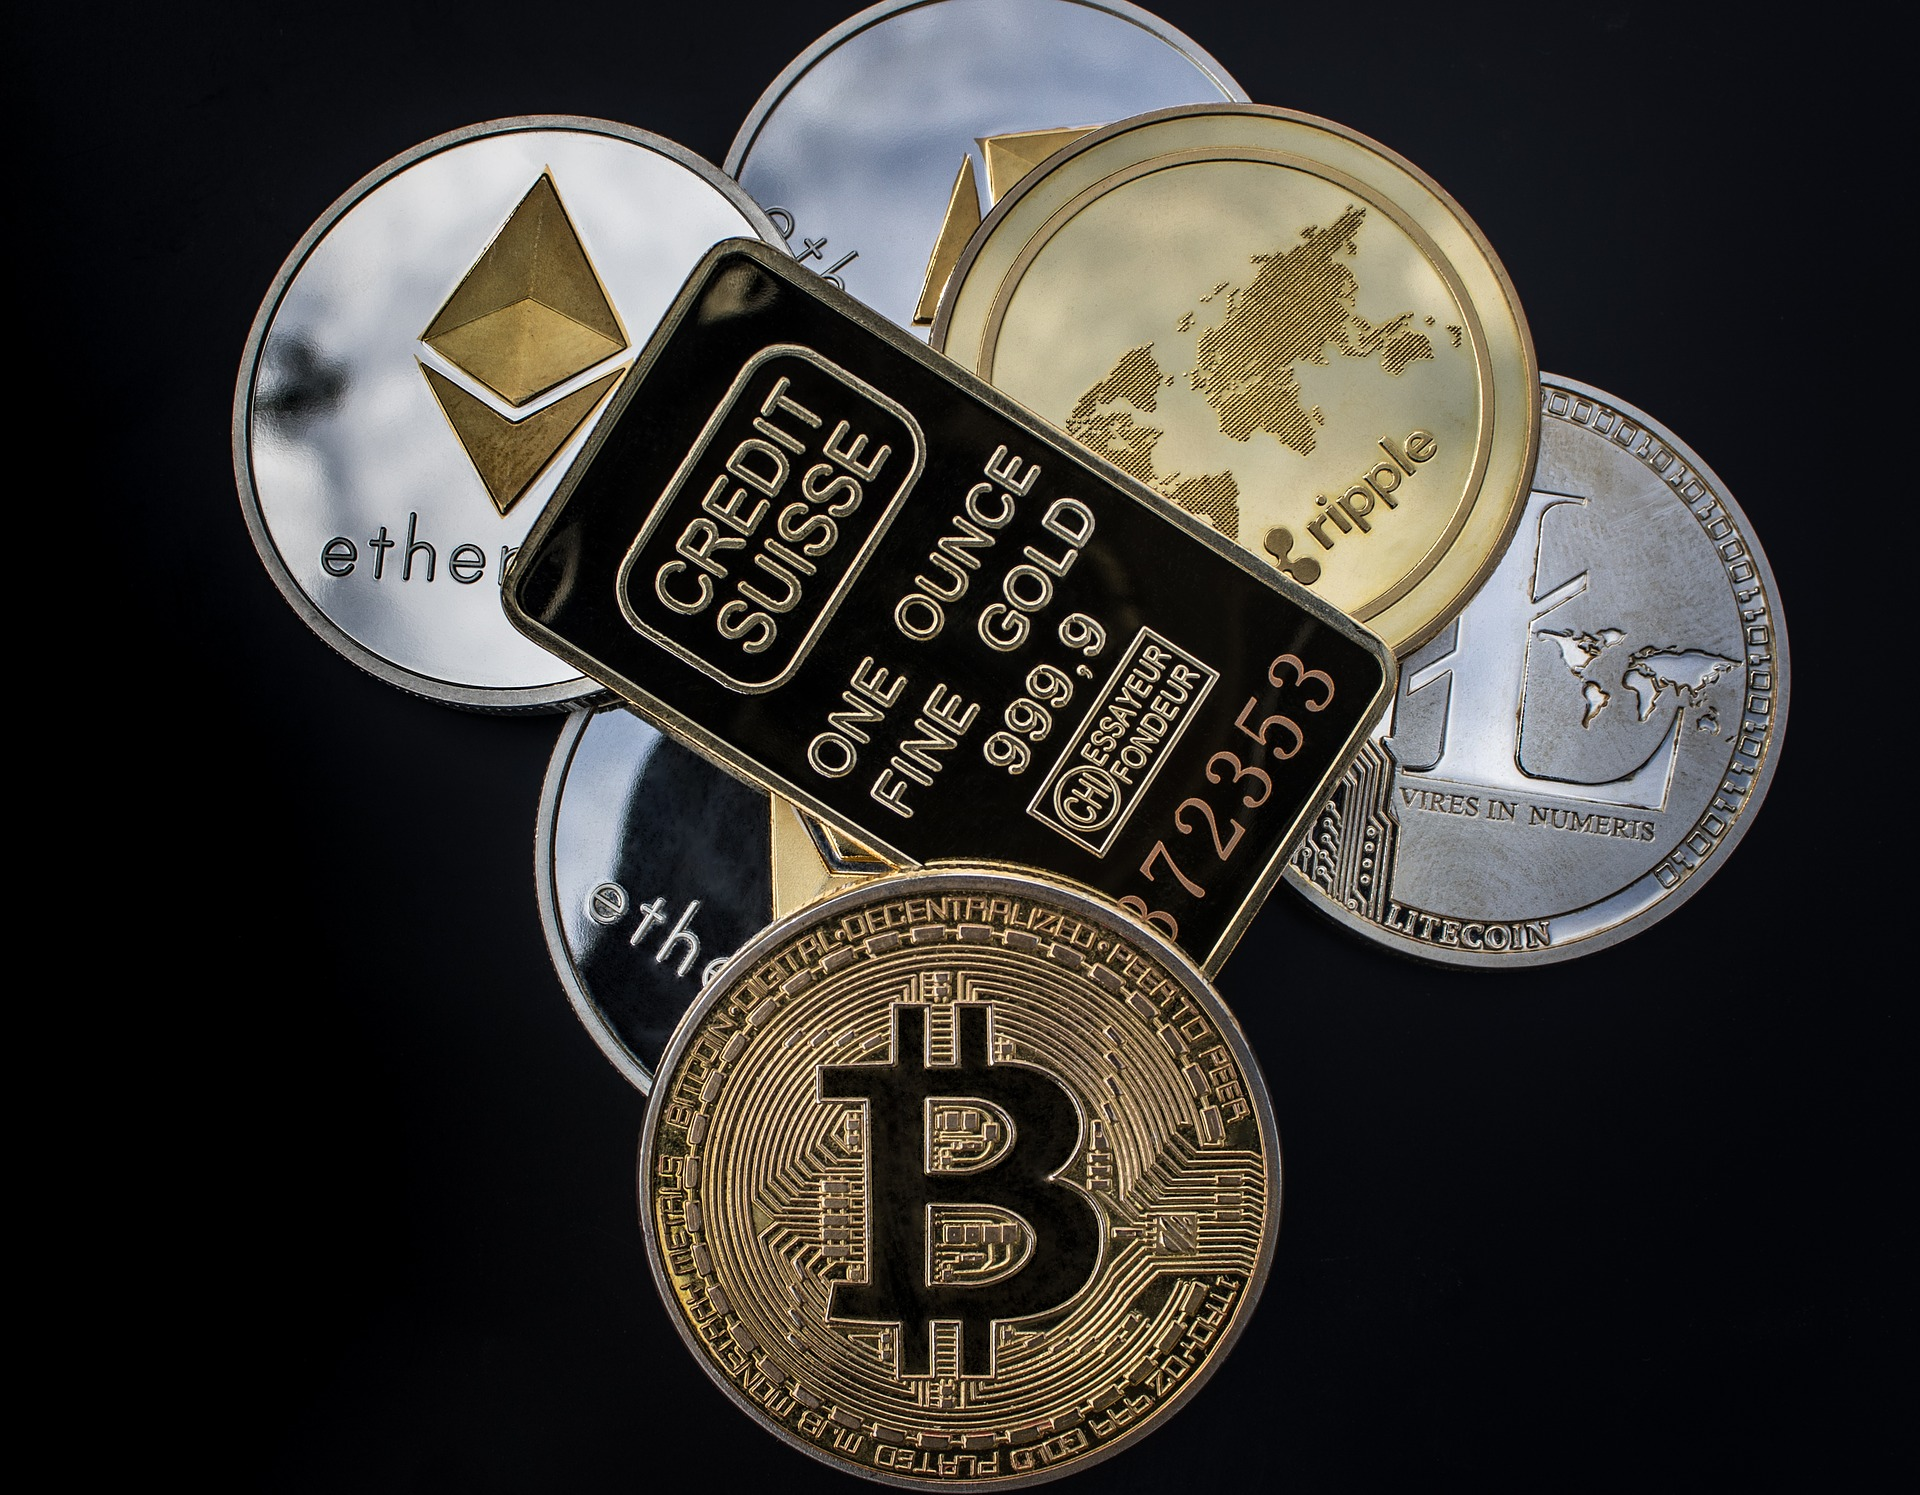 Gazdaság: Kitört a bitcoinláz, de lehet ebből nagy pénzt csinálni?   diosgazda.hu